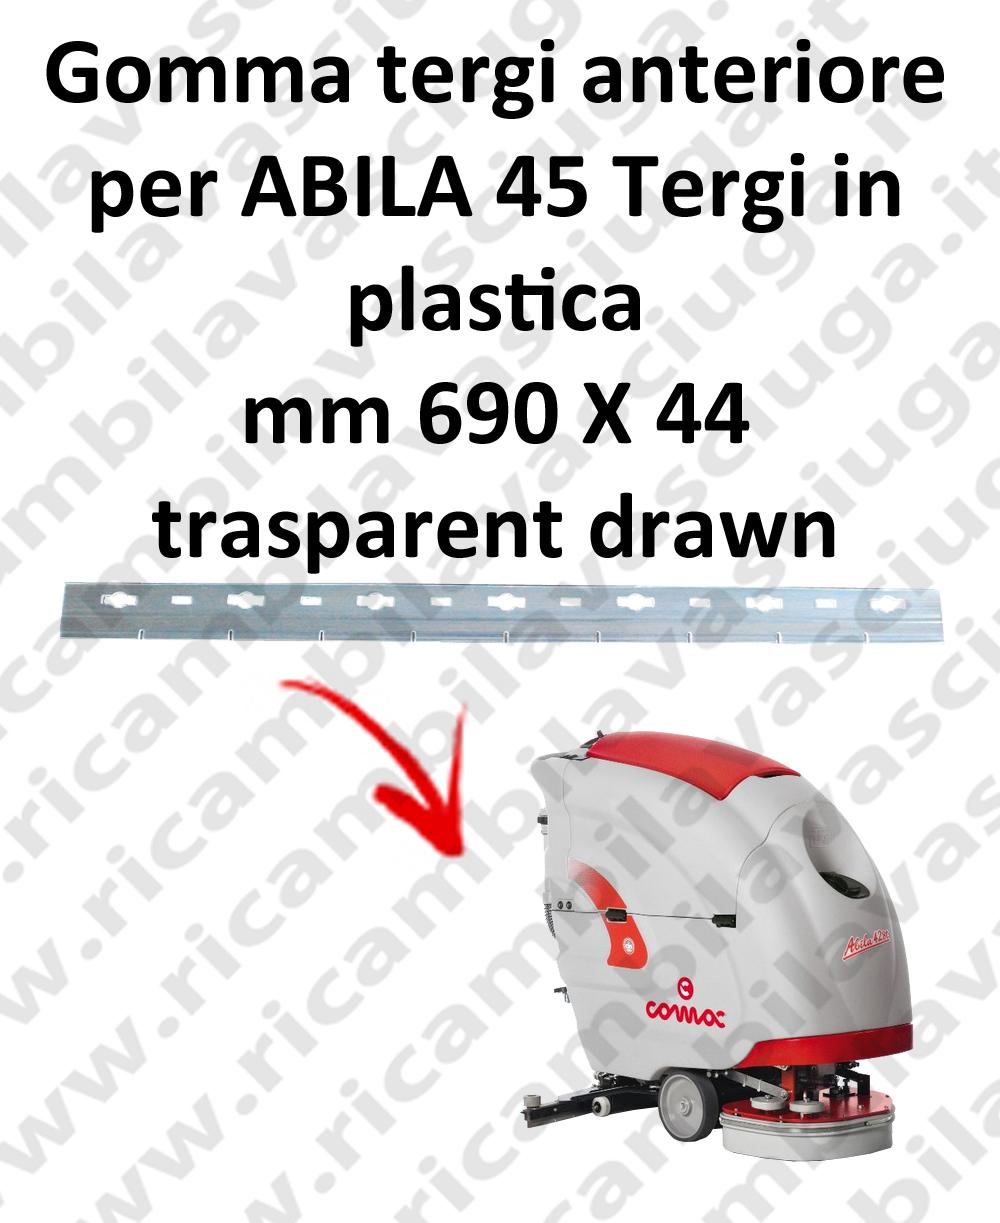 ABILA 45 Gomma tergipavimento anteriore per lavapavimenti COMAC